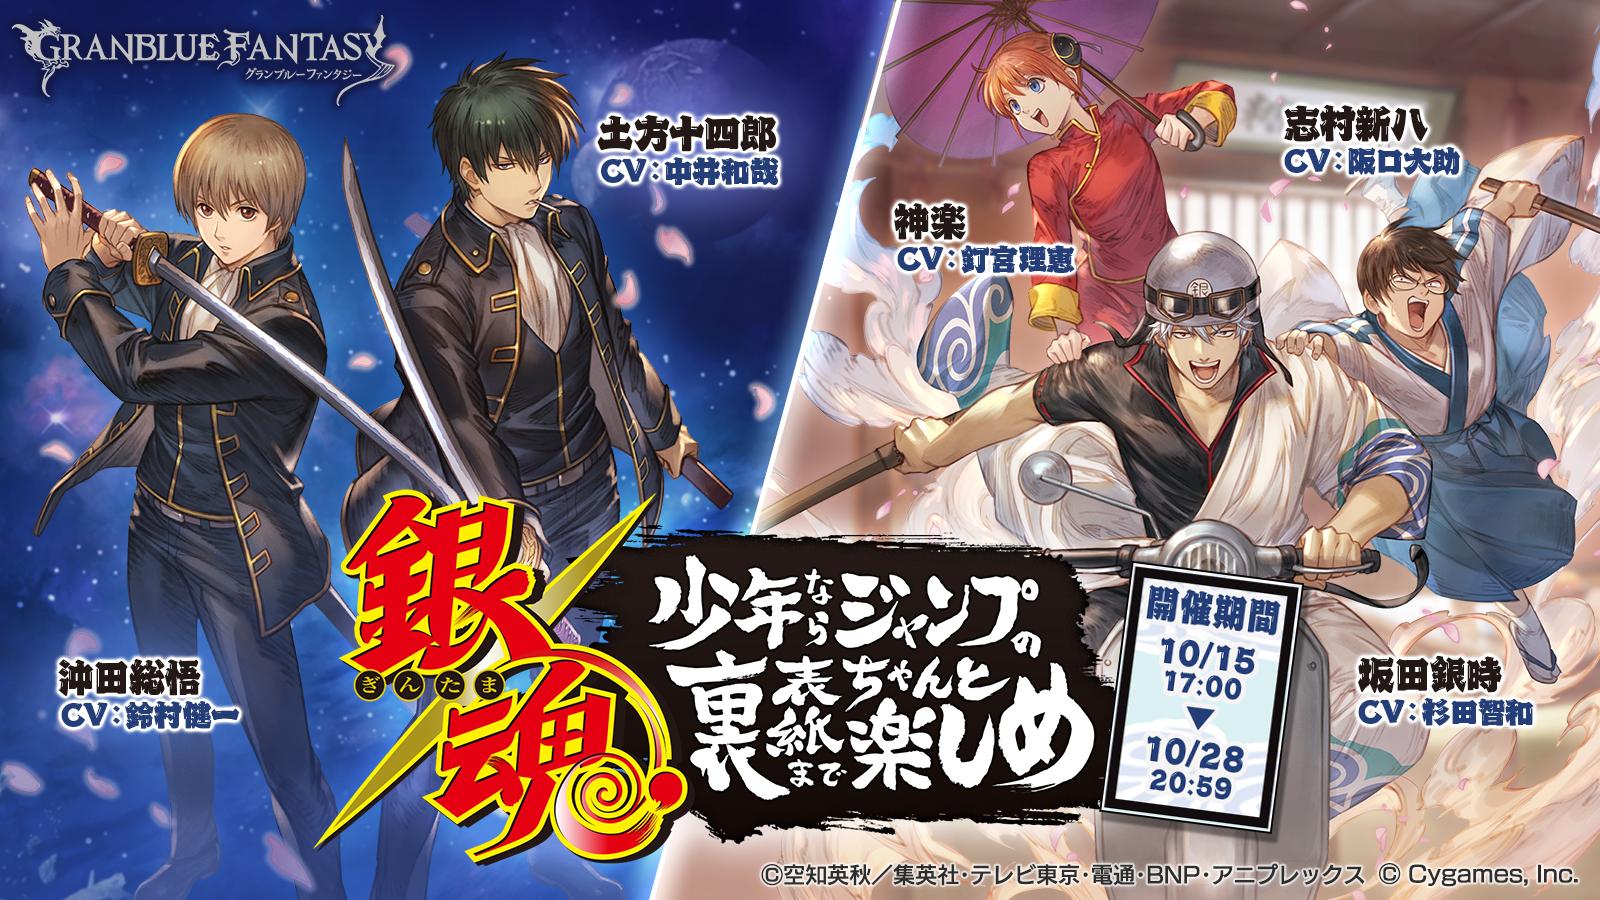 「銀魂×グラブル」万事屋・真選組・攘夷派の美麗ビジュアル解禁!10月15日イベント開始